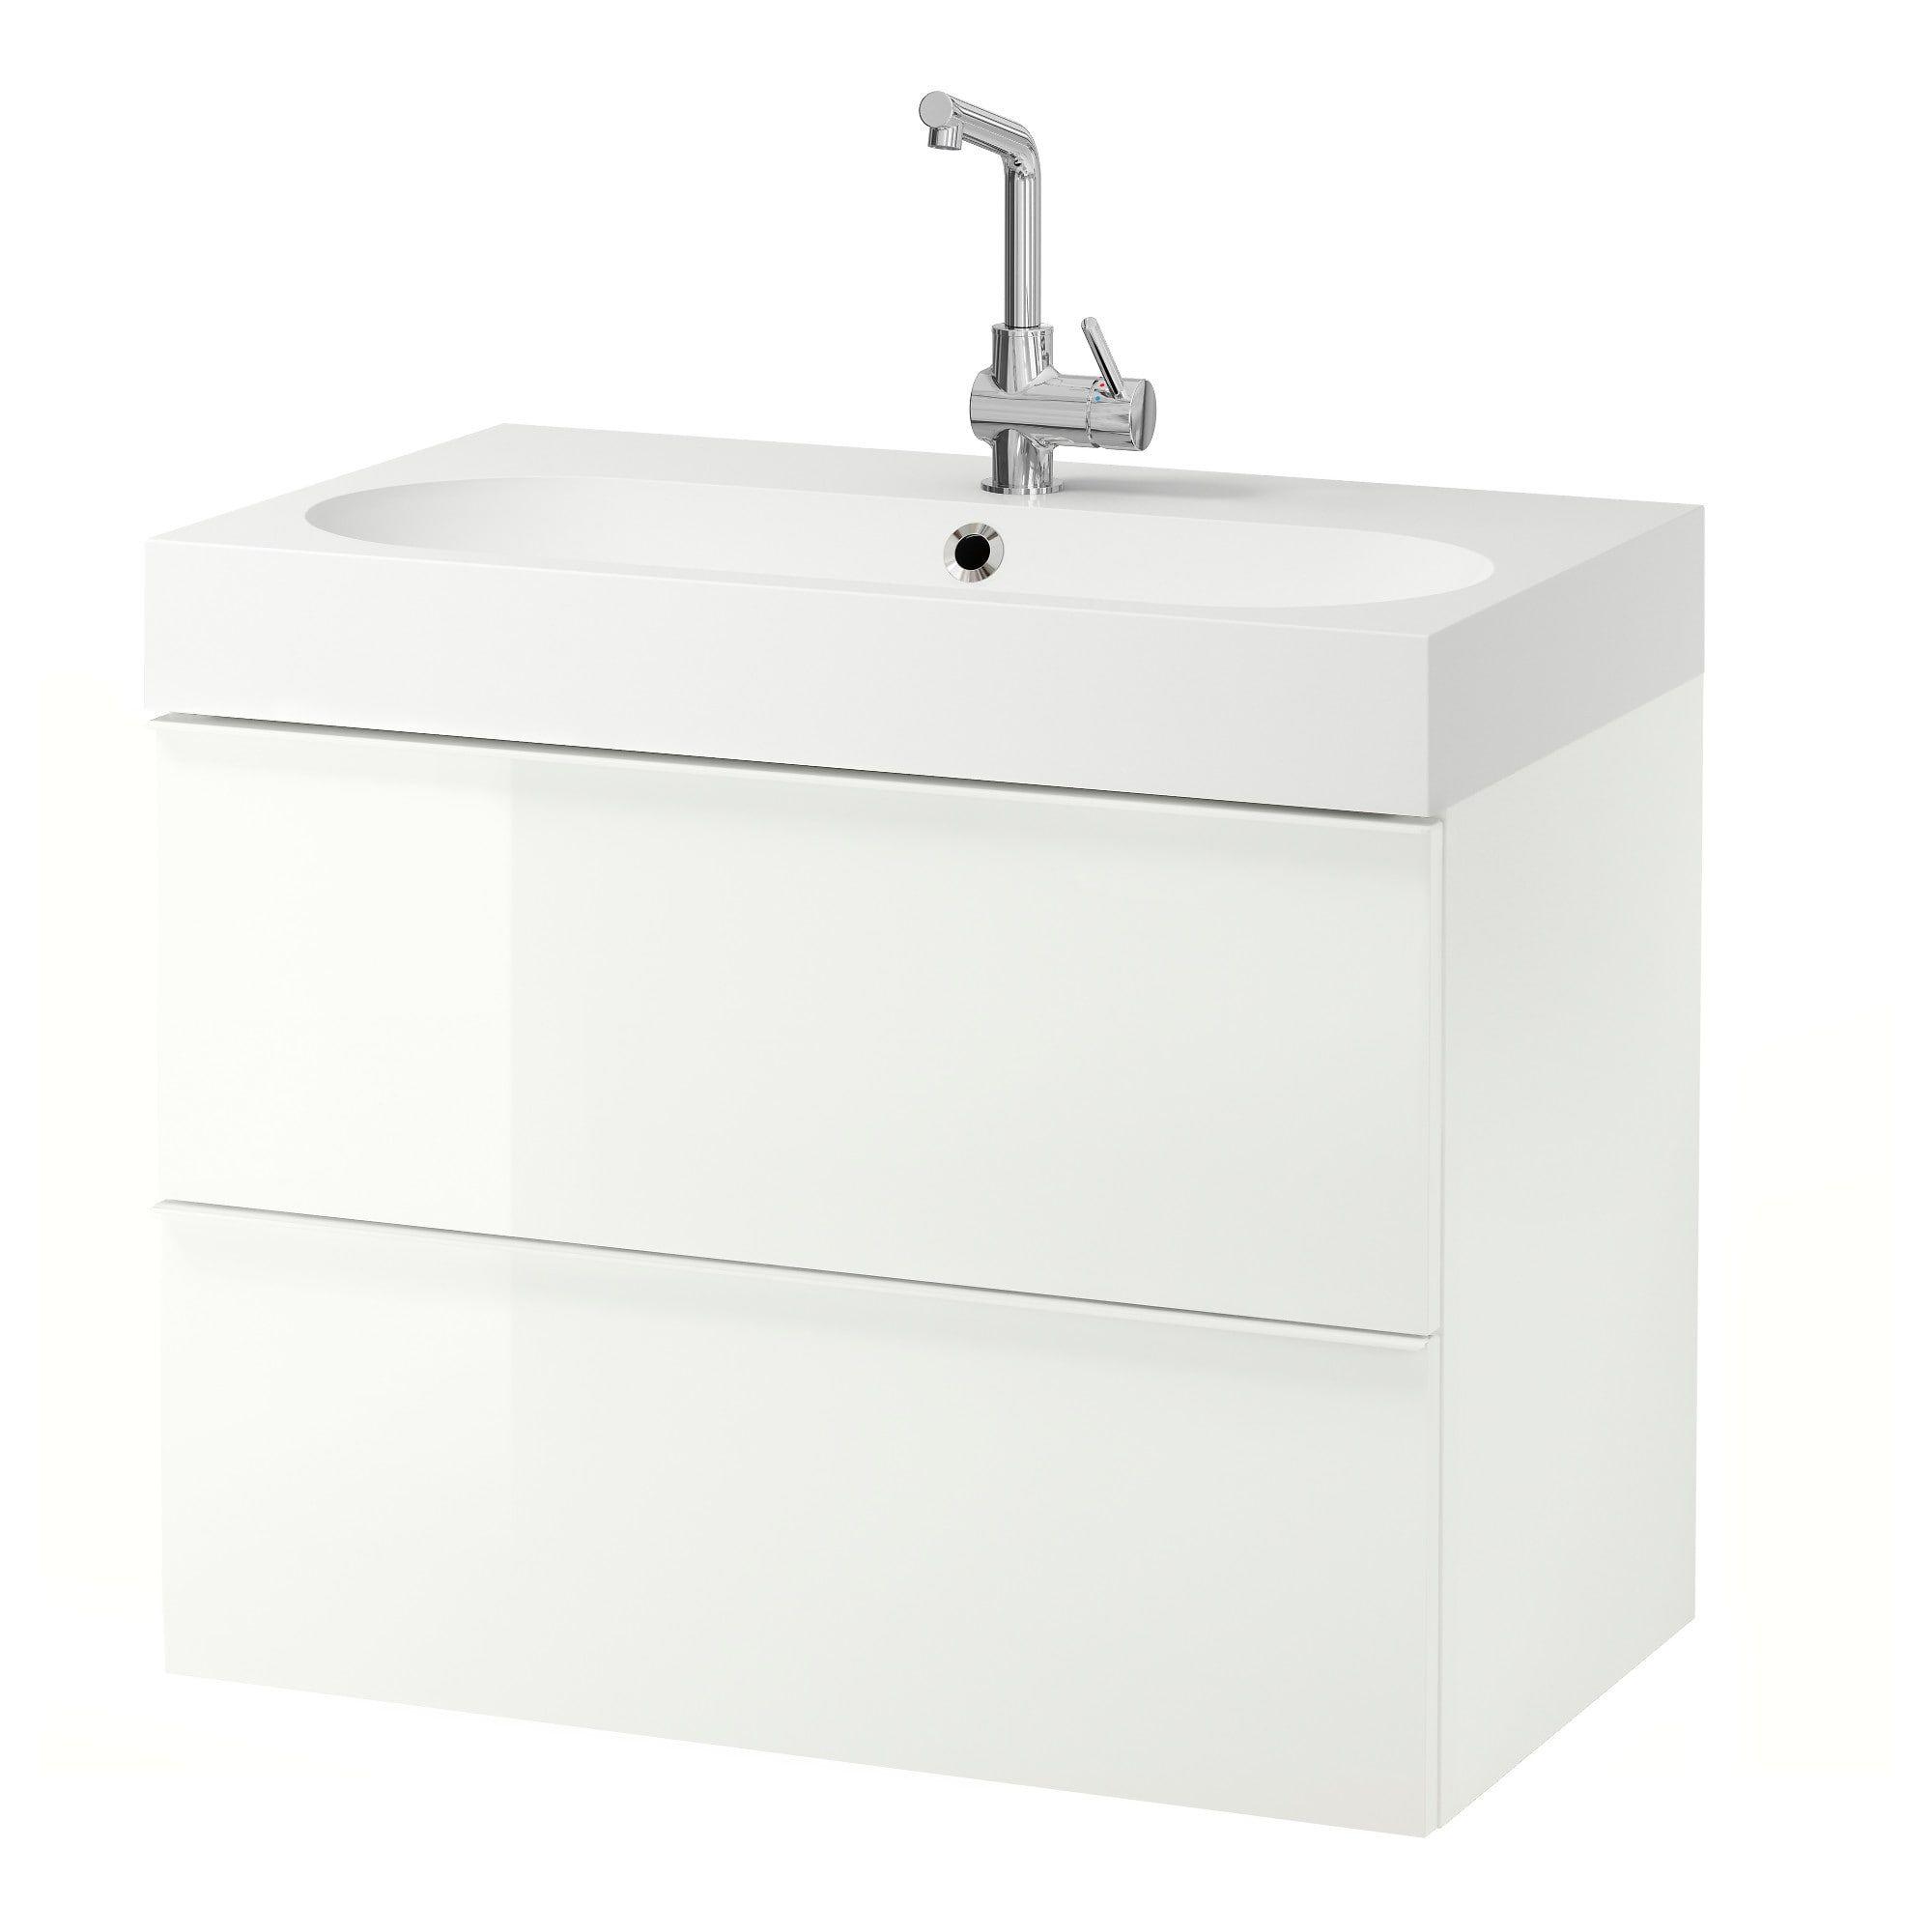 Ikea Mobili Bagno Pensili mobili e accessori per l'arredamento della casa | toeletta